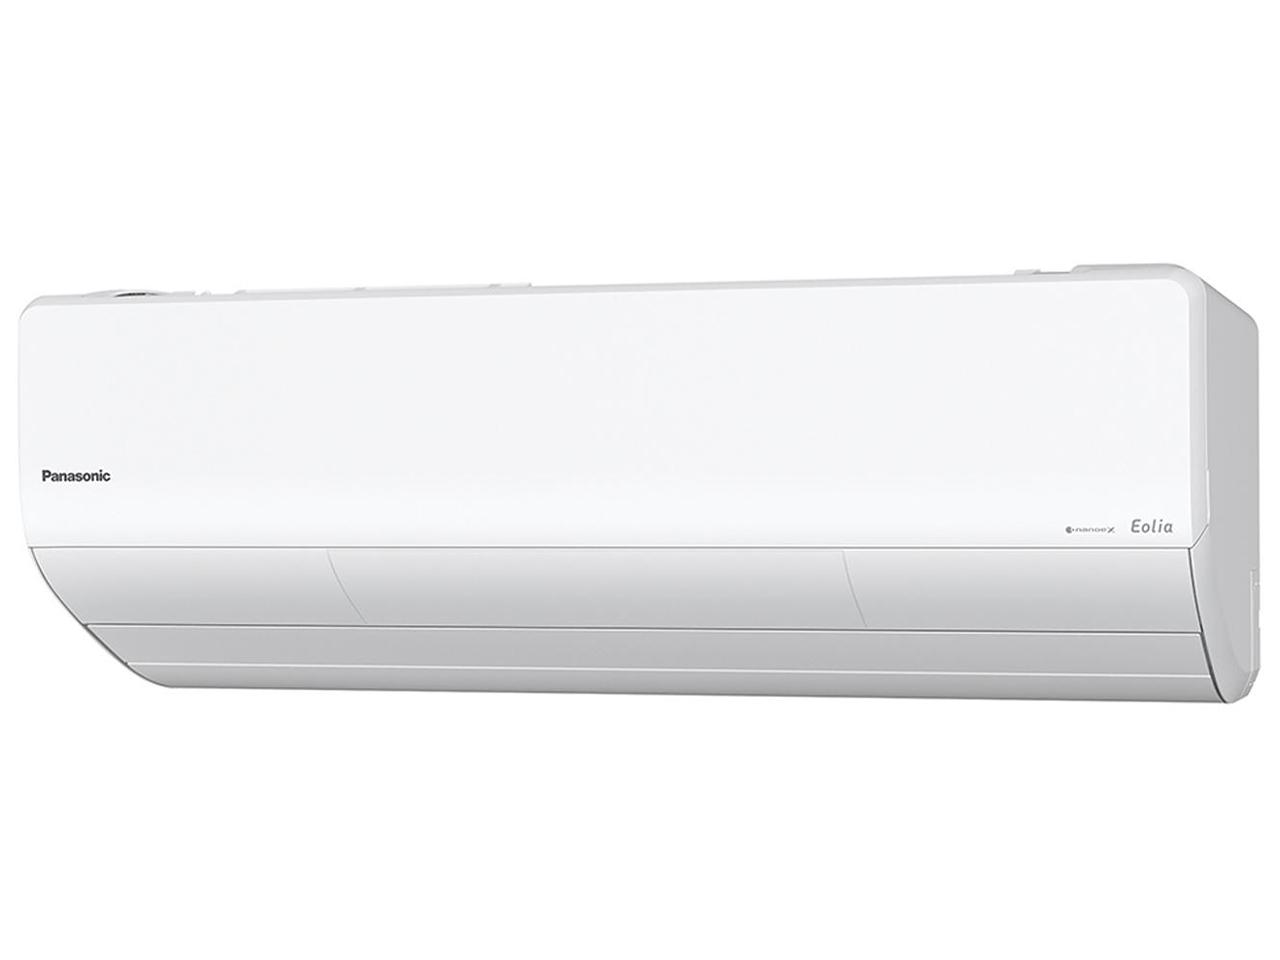 エオリア CS-X560D2 の製品画像